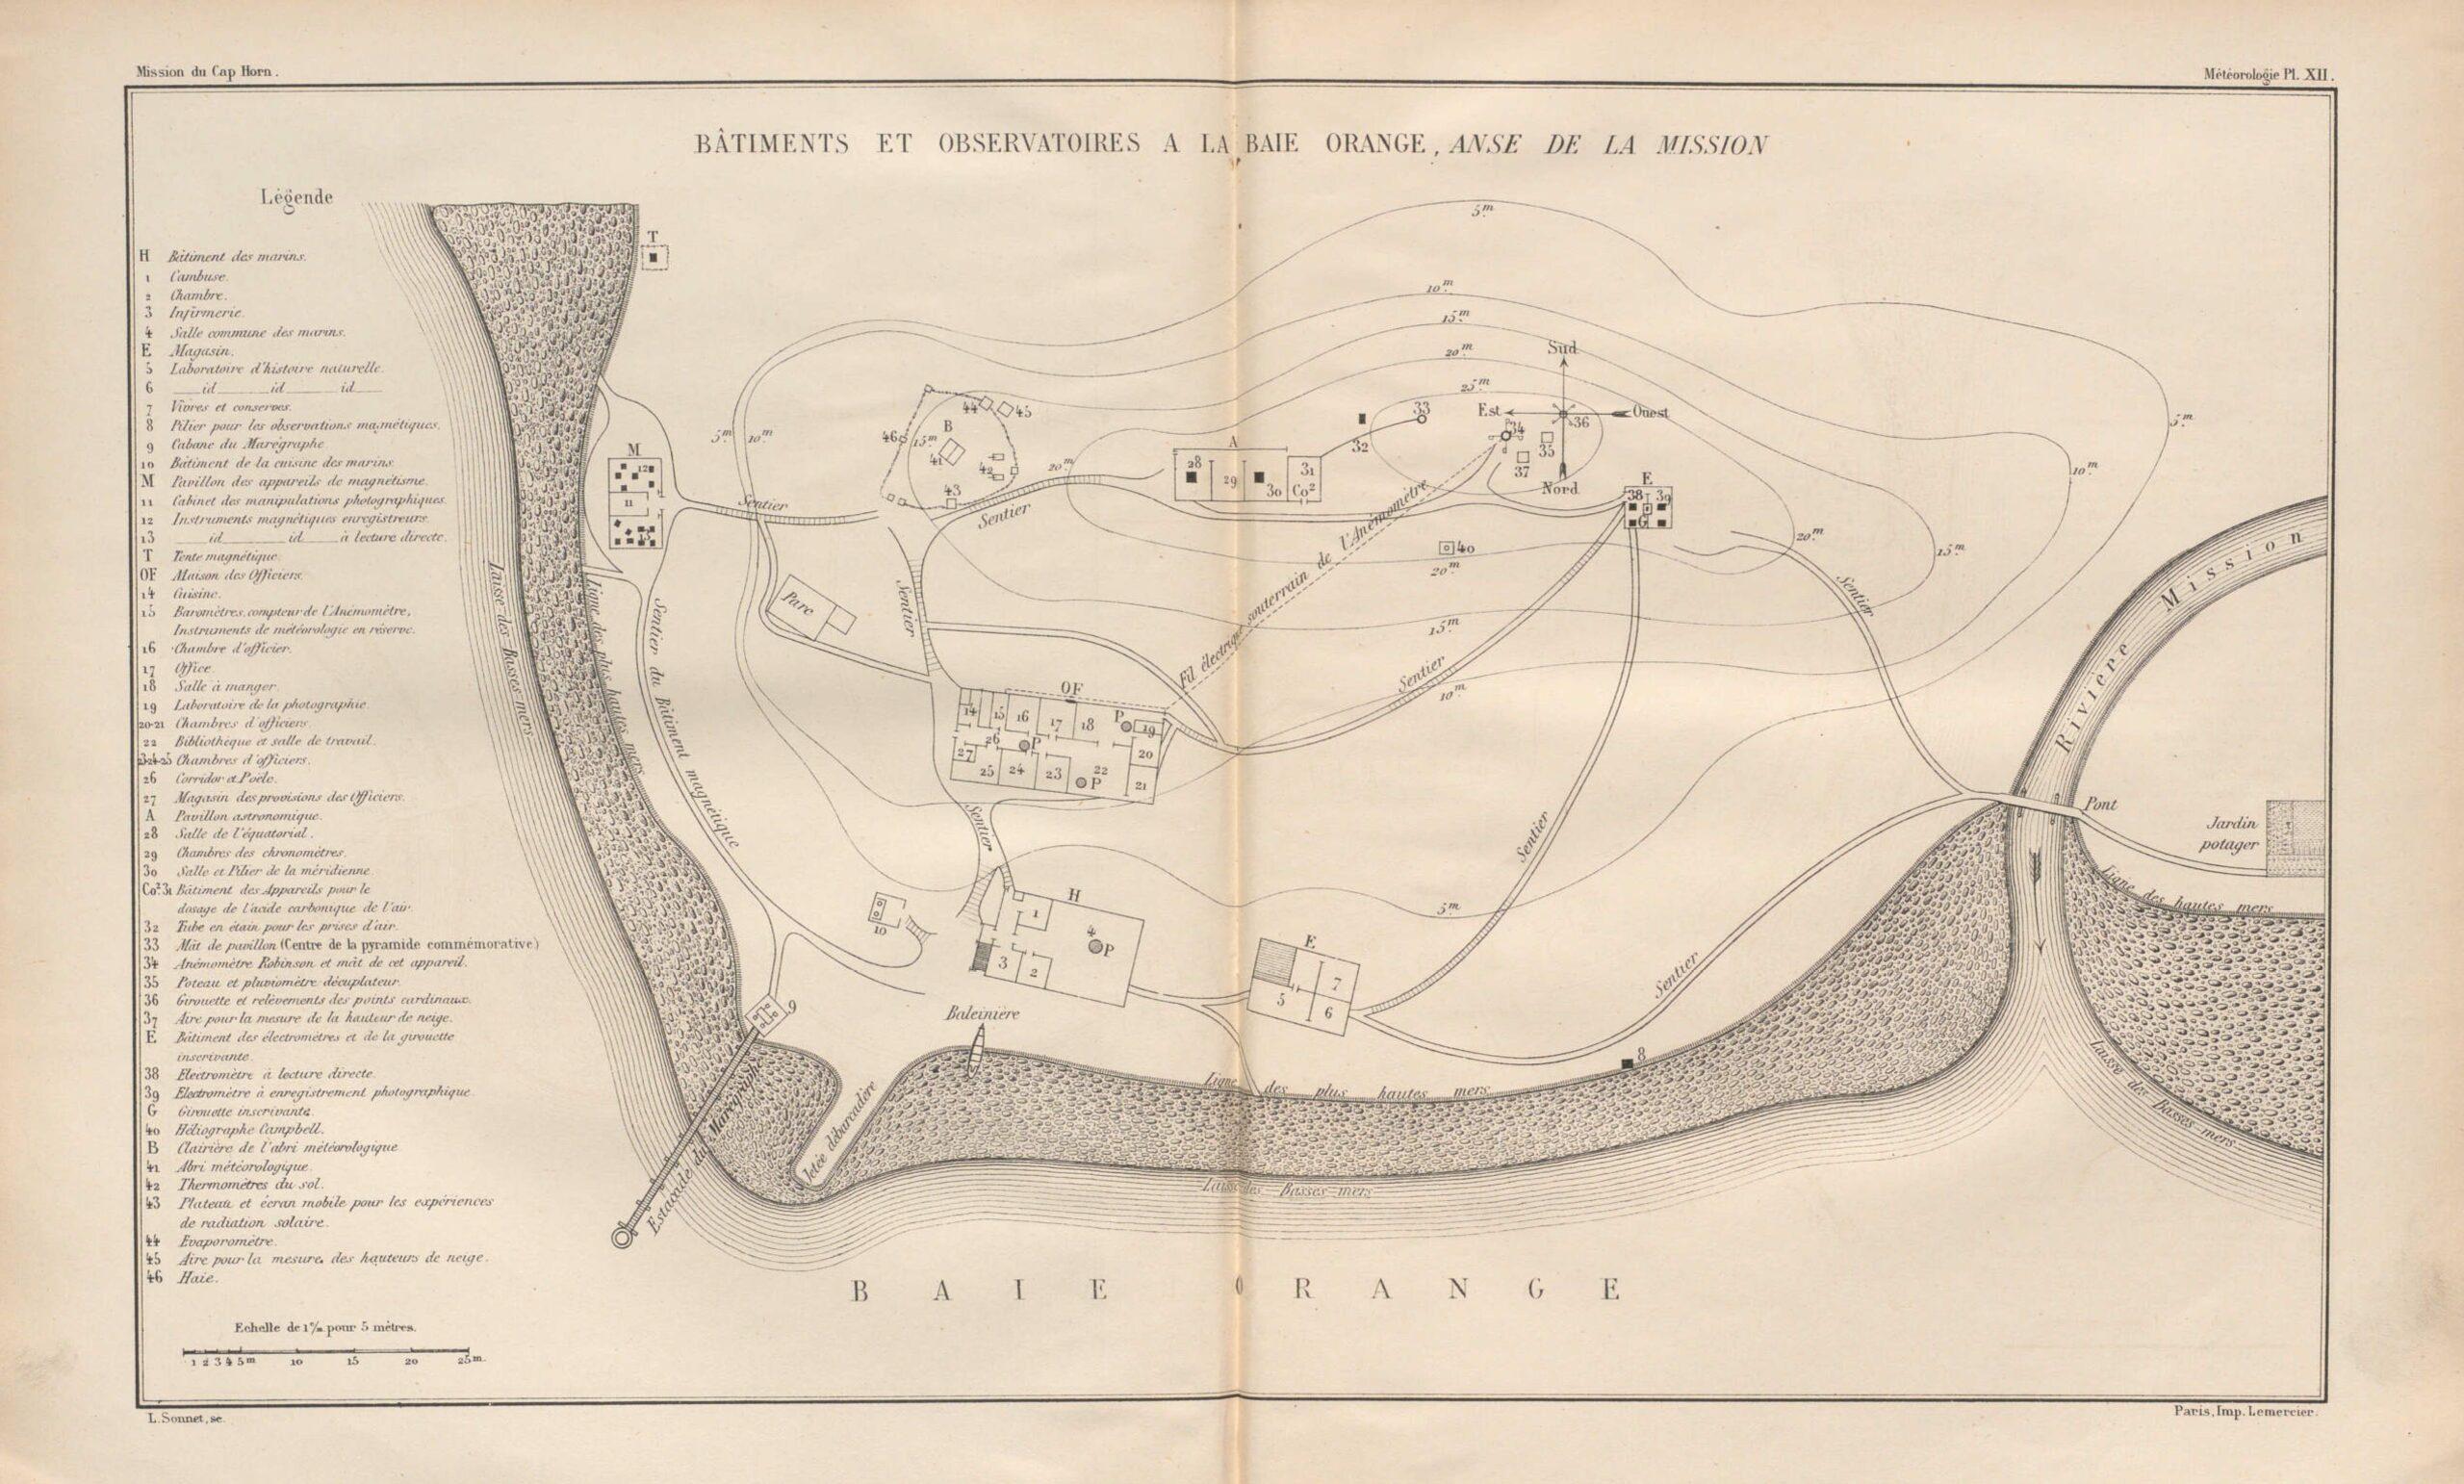 Mission scientifique du Cap Horn : 1882-1883 / Ministères de la